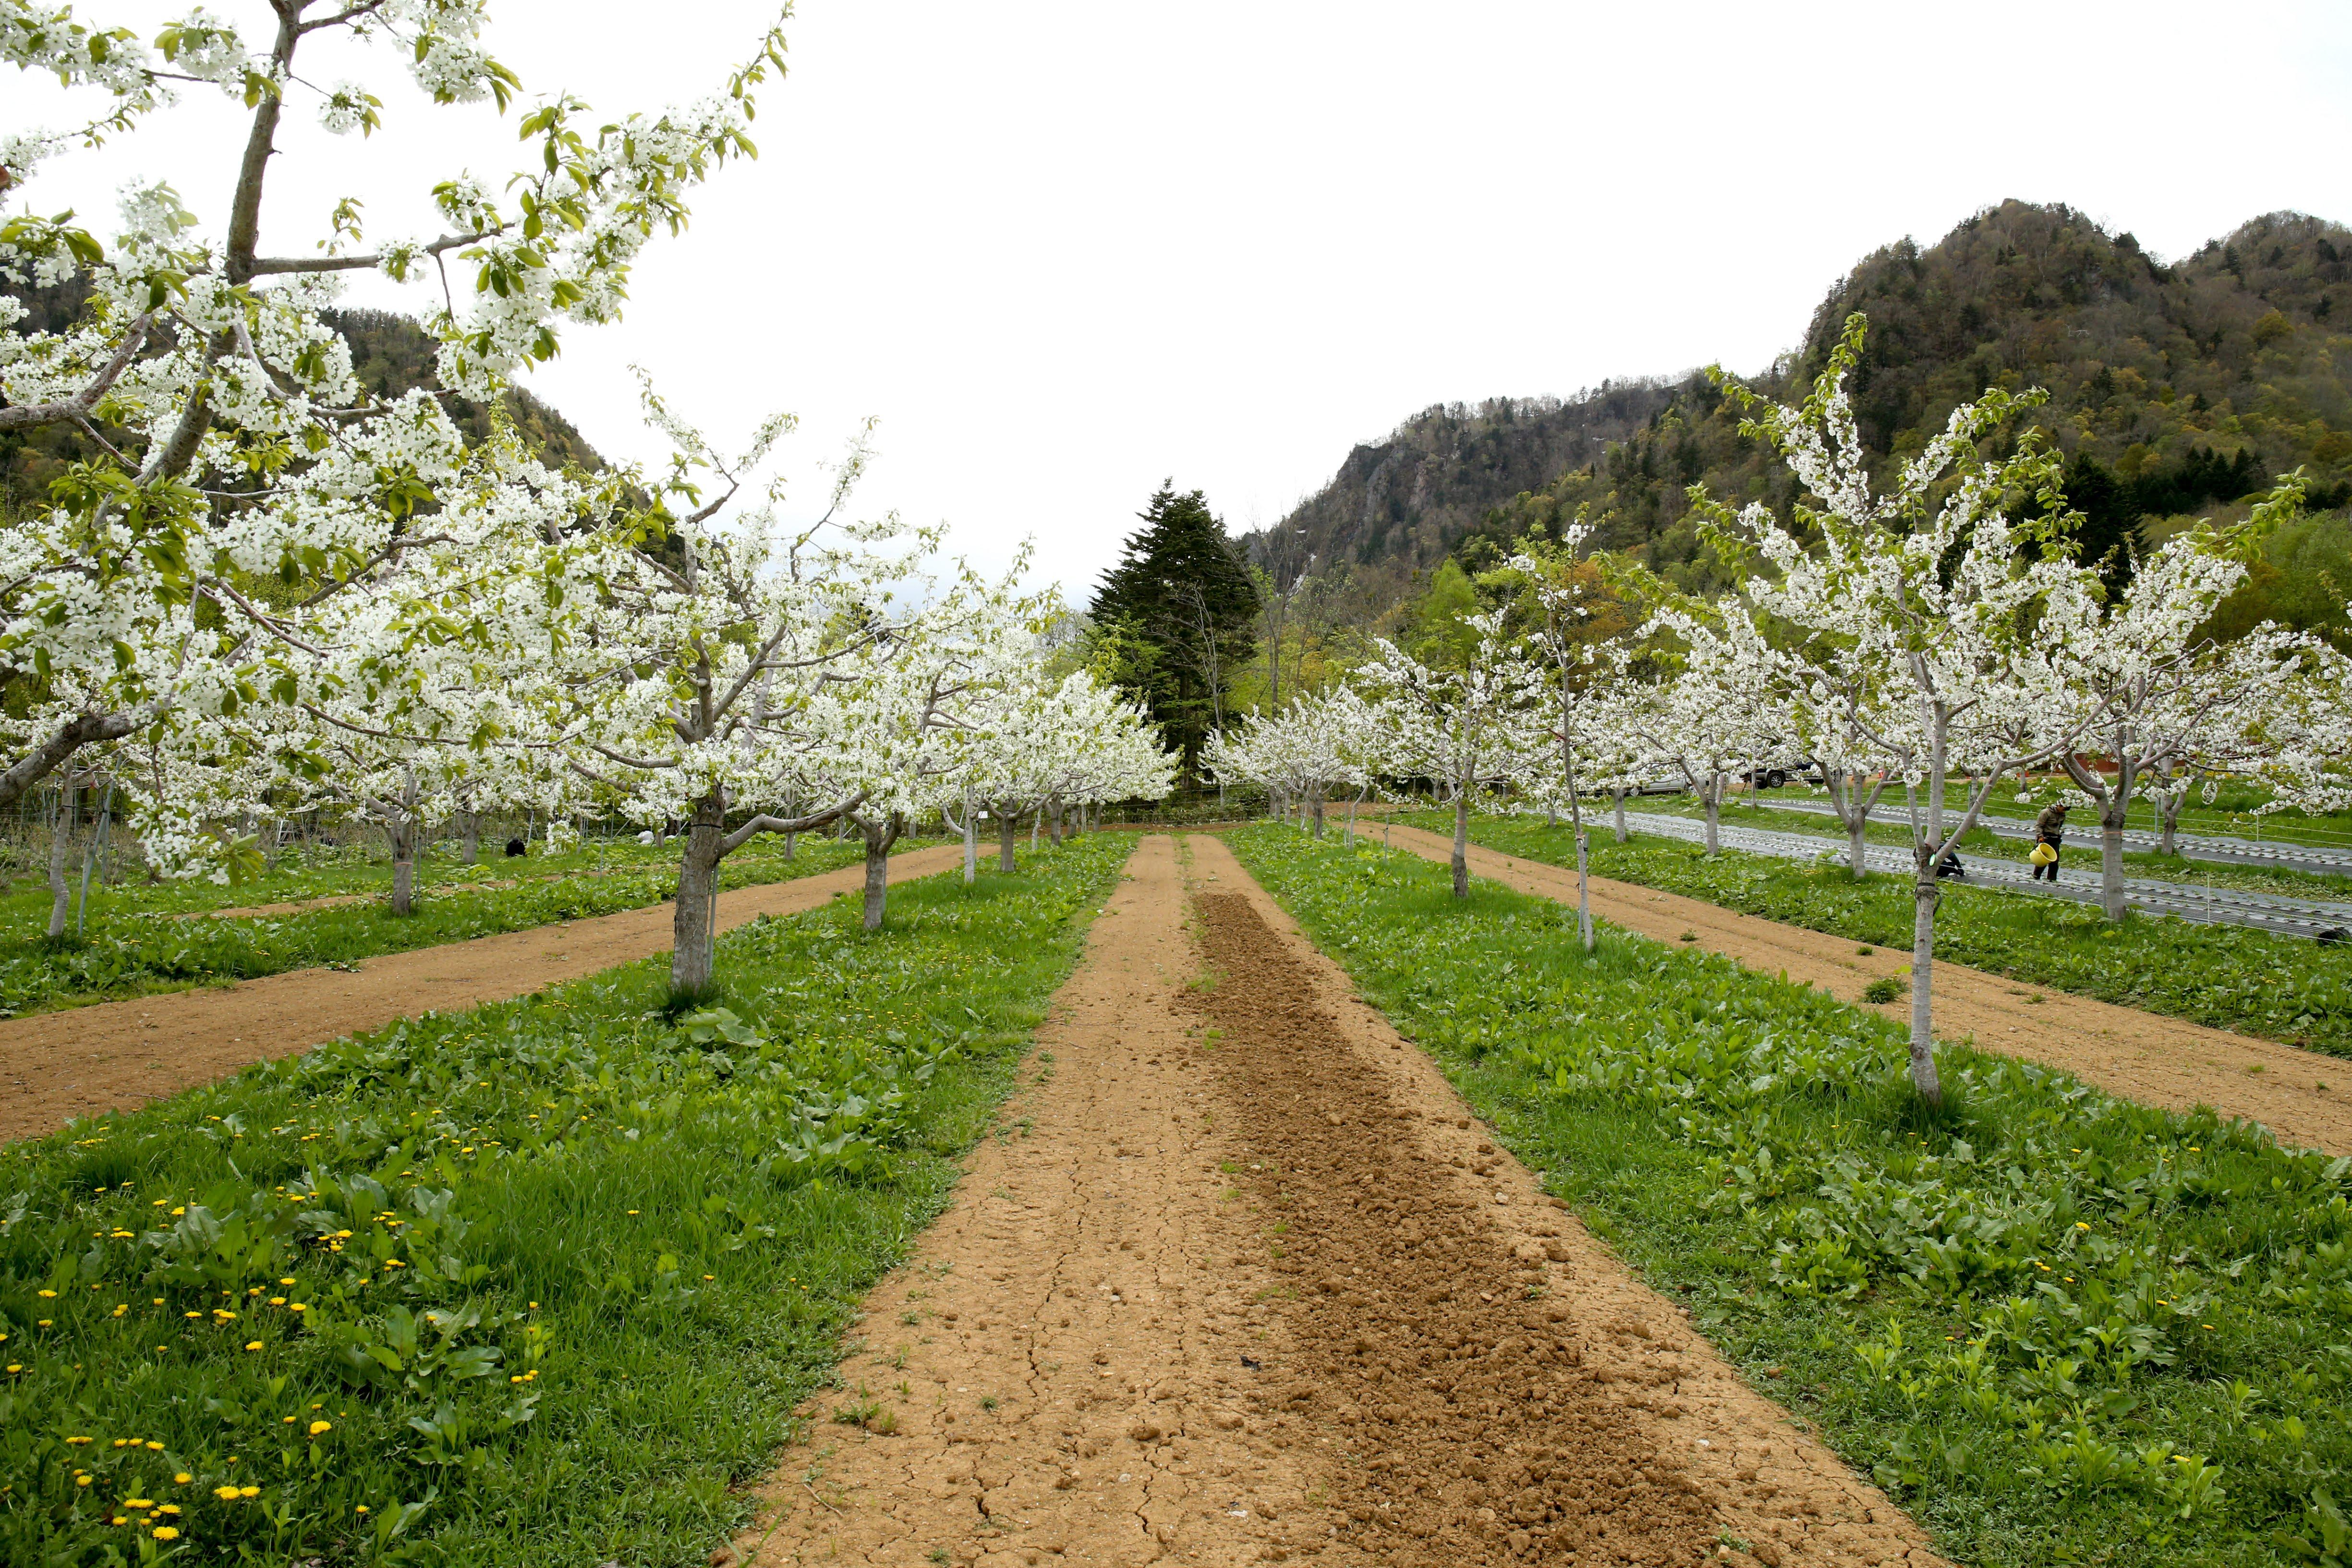 5月17日・18日お花見BBQと山菜採り体験ツアー開催のお知らせ。